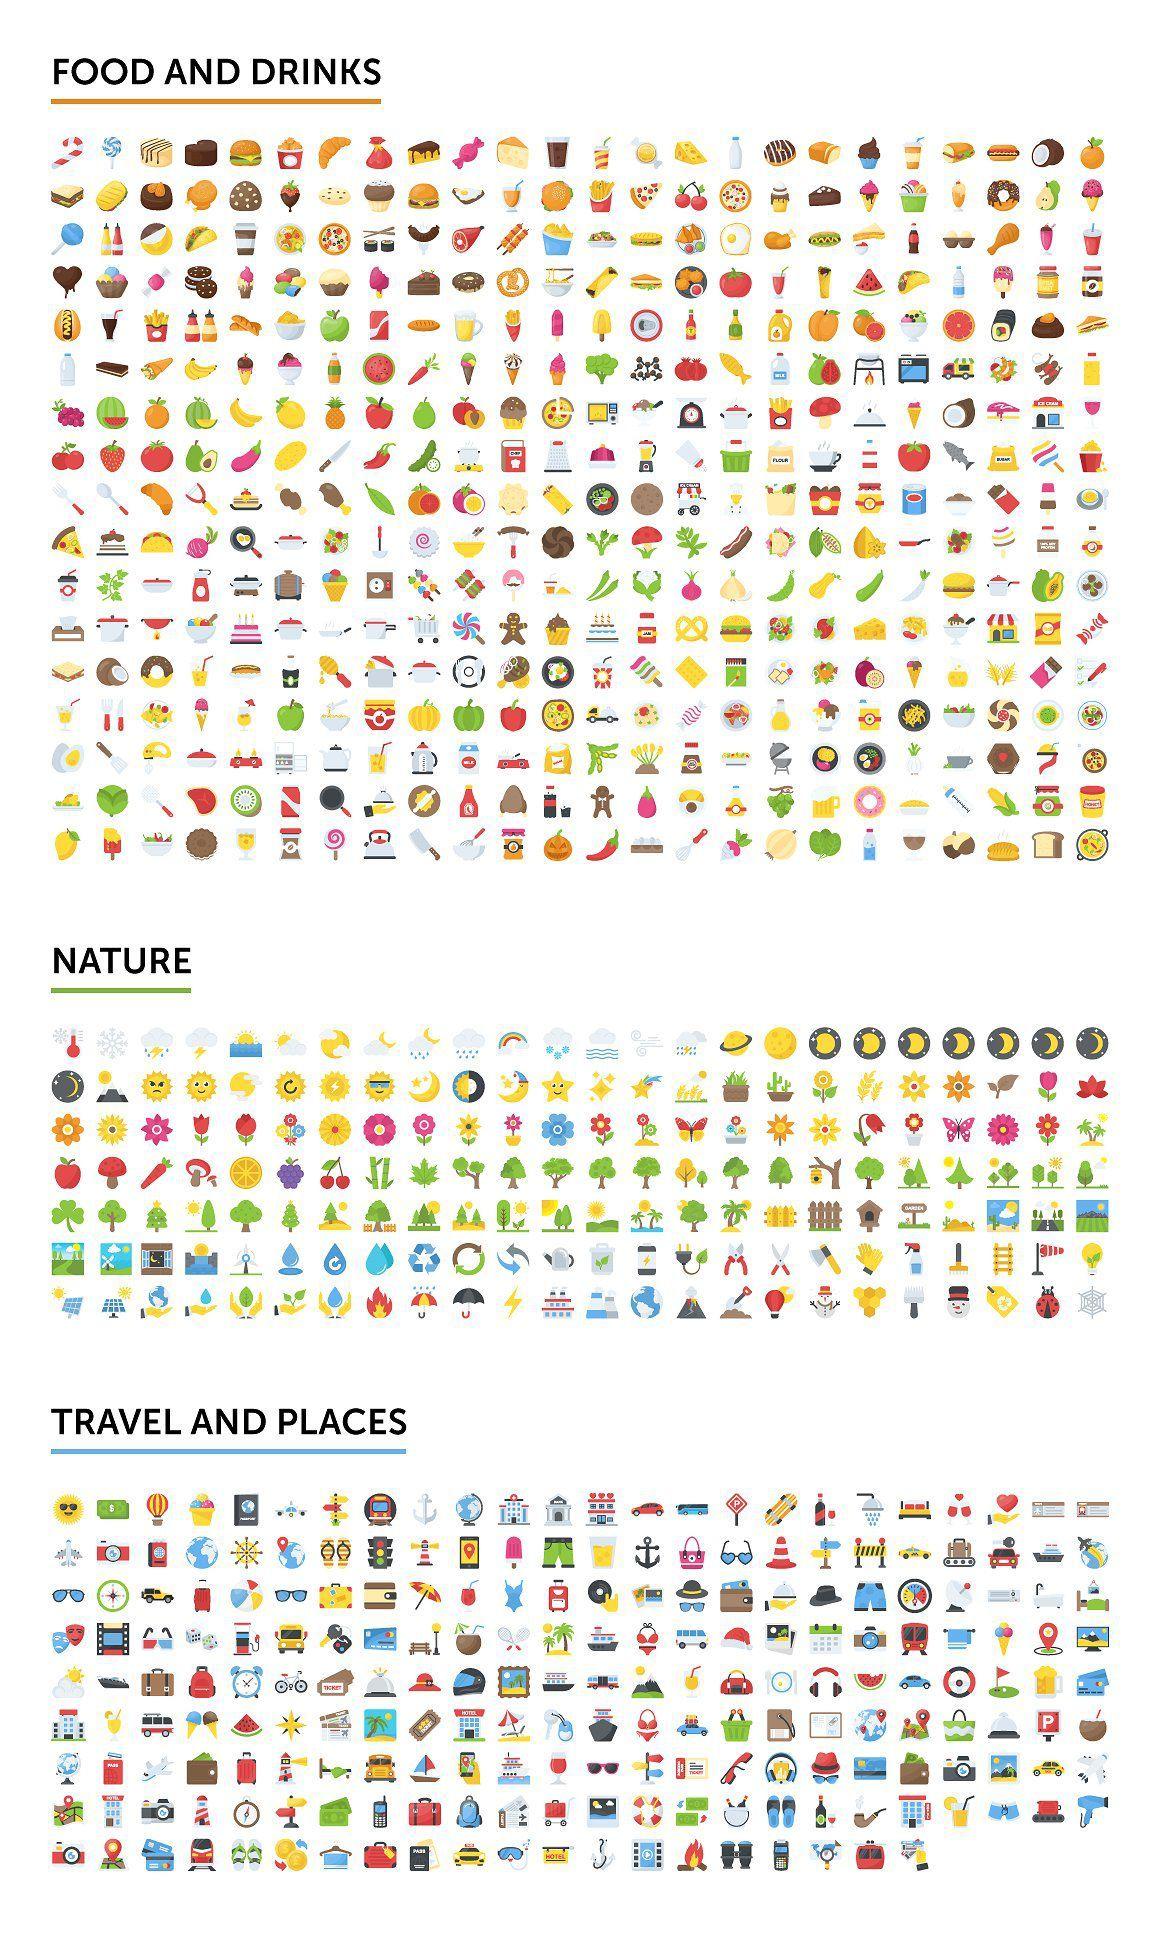 矢量图形-2500个表情符号emoji图标合集打包下载 格式AI,EPS,SVG,PNG,PDF,JPG(6)